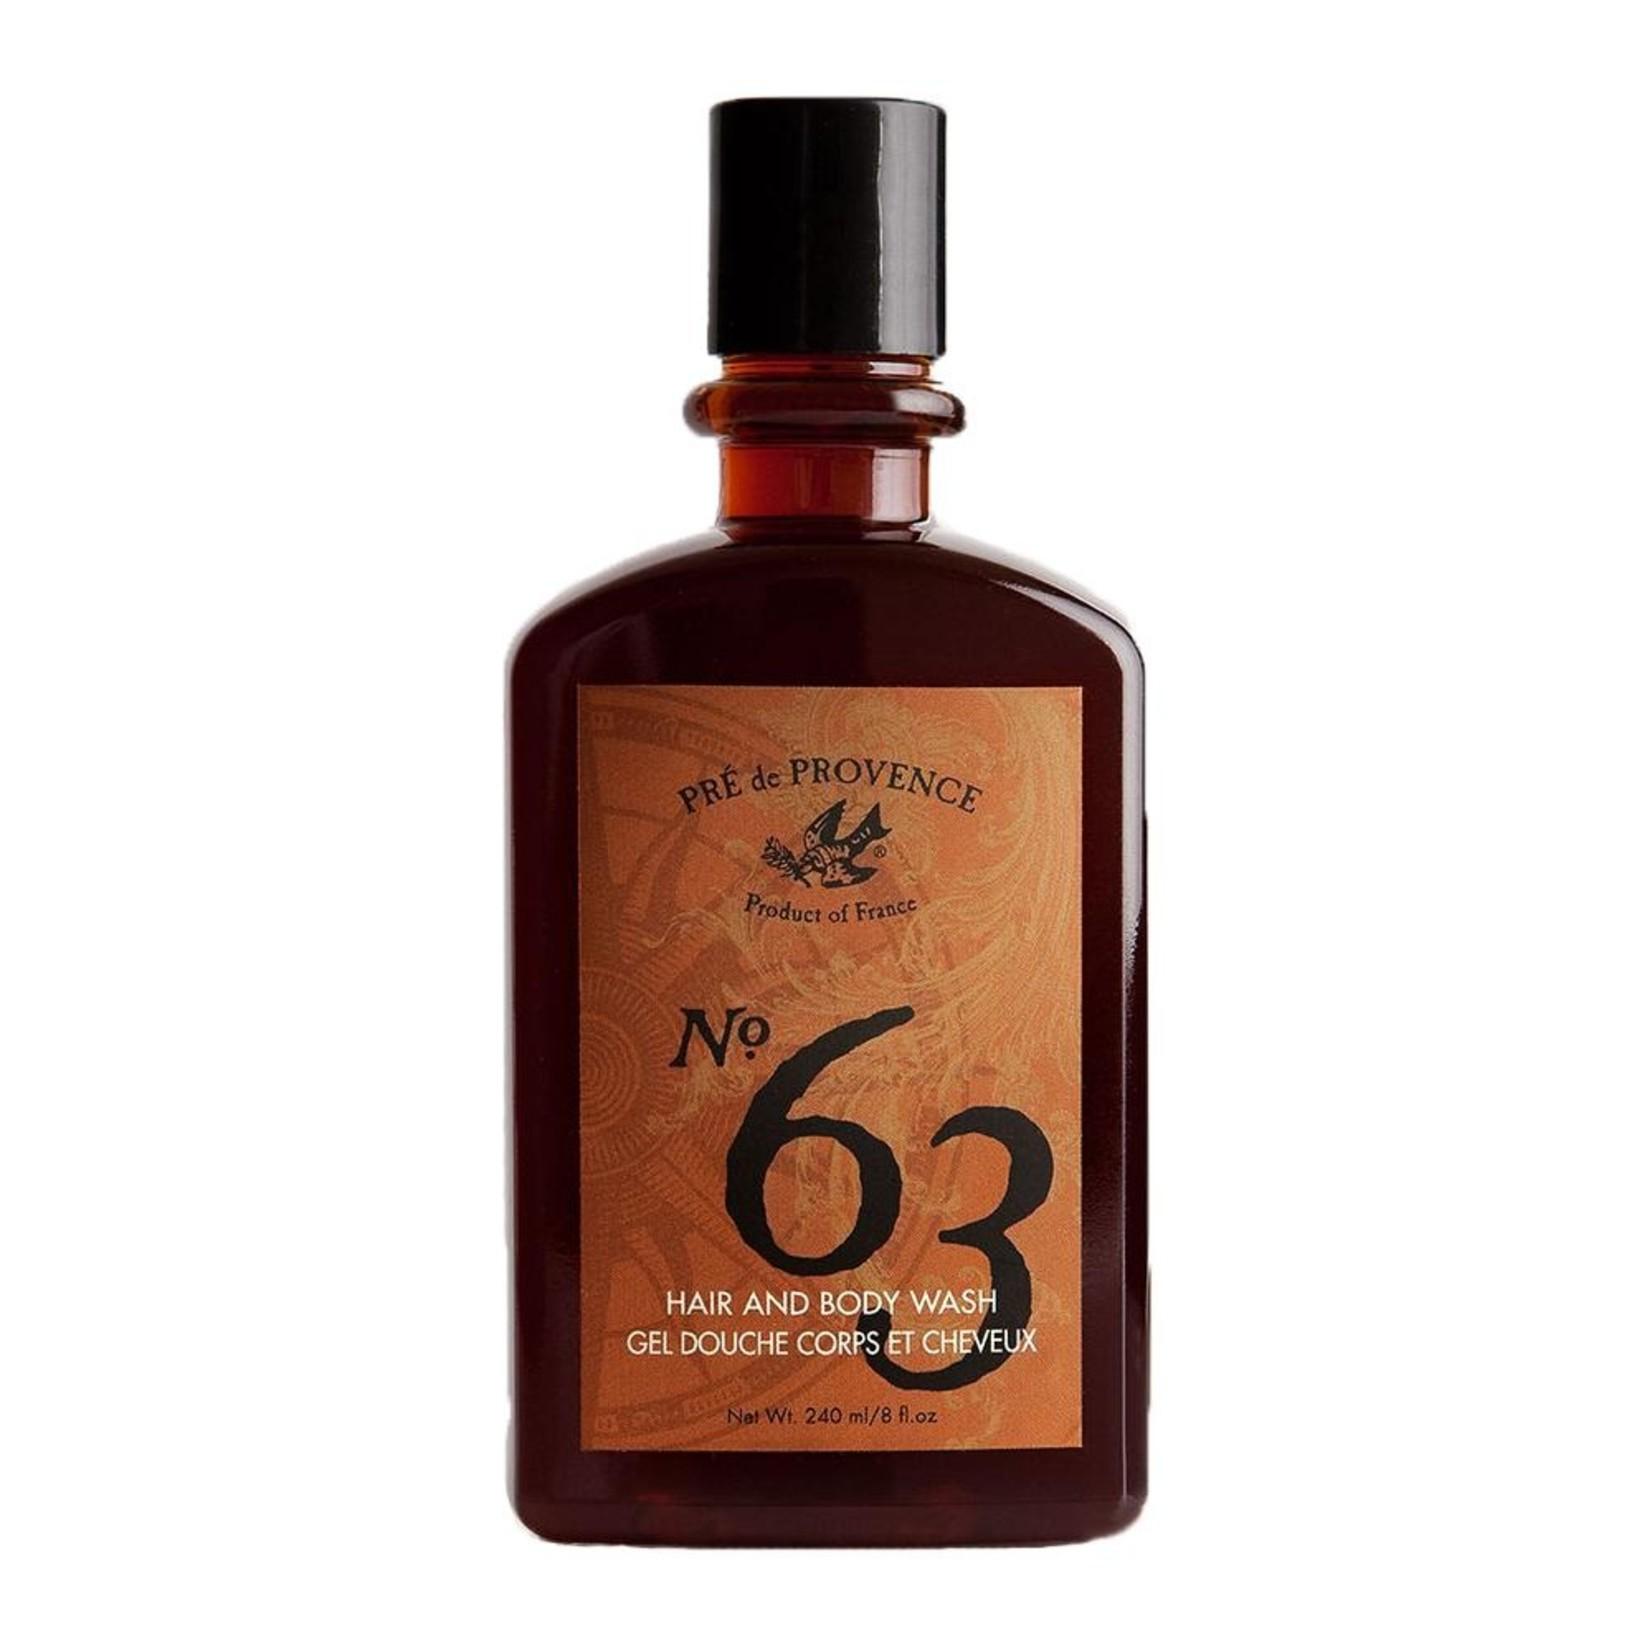 Pre de Provence No. 63 Hair and Body Wash